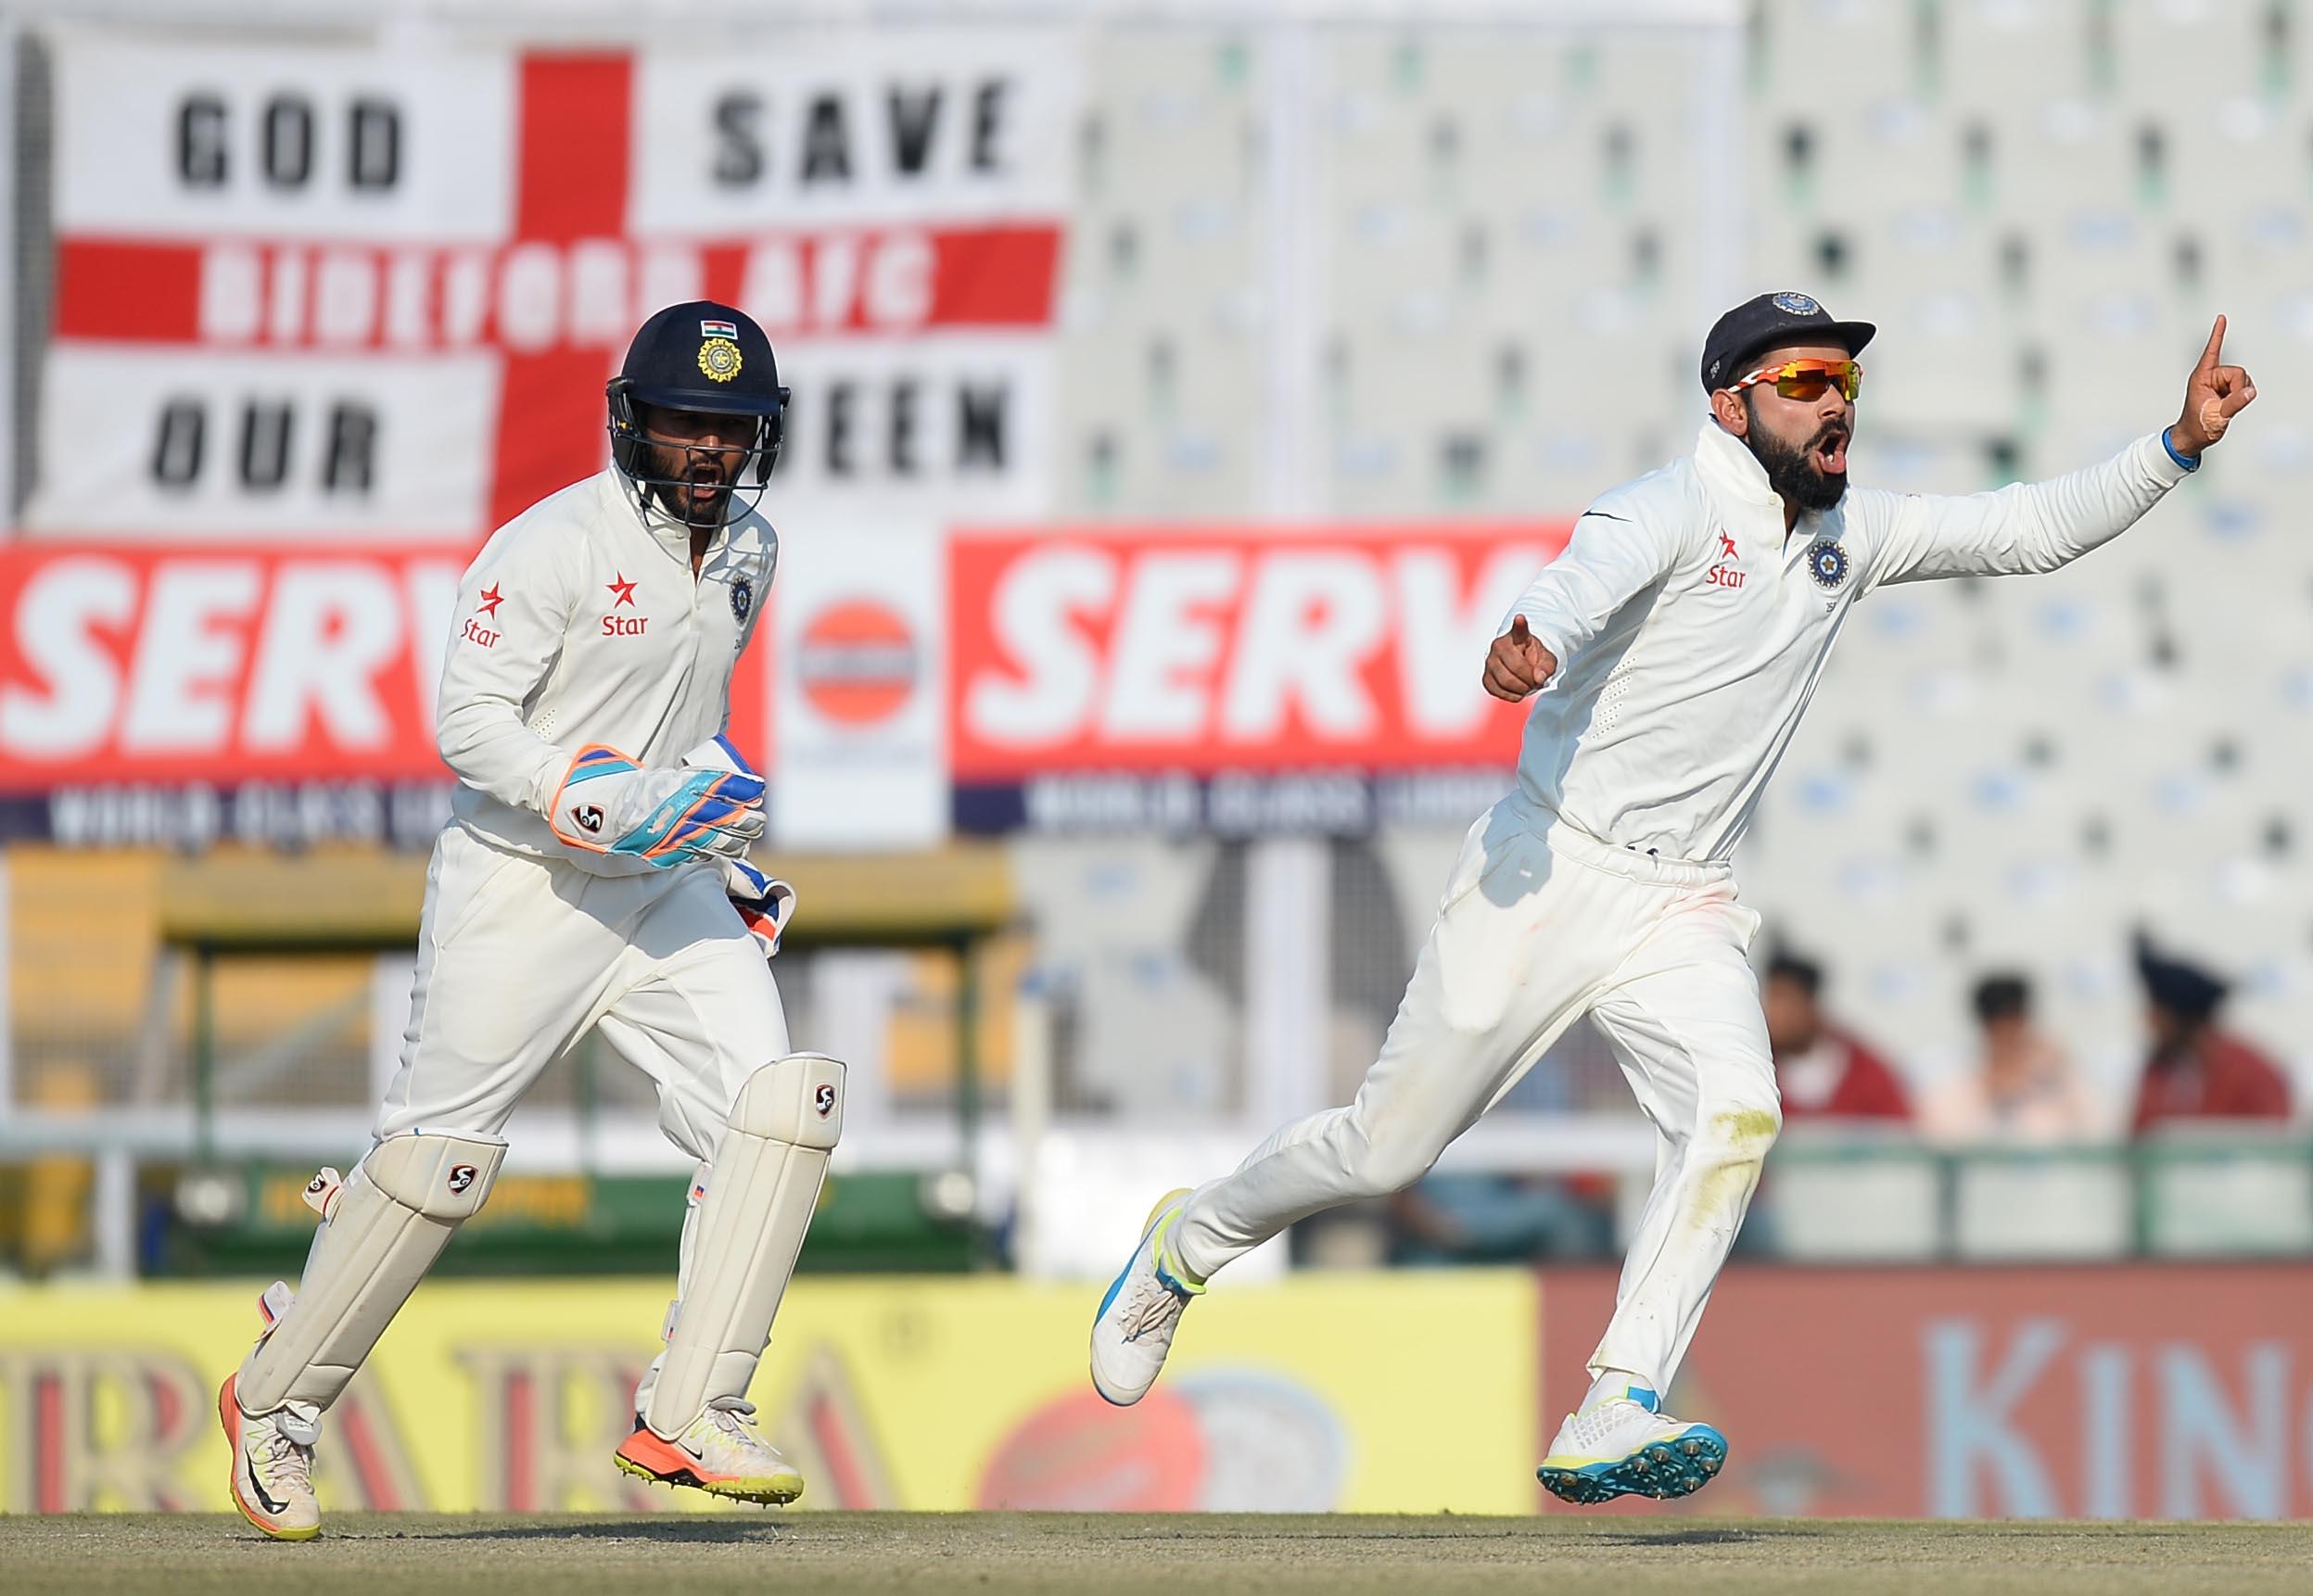 Virat Kohli (R) and wicketkeeper Parthiv